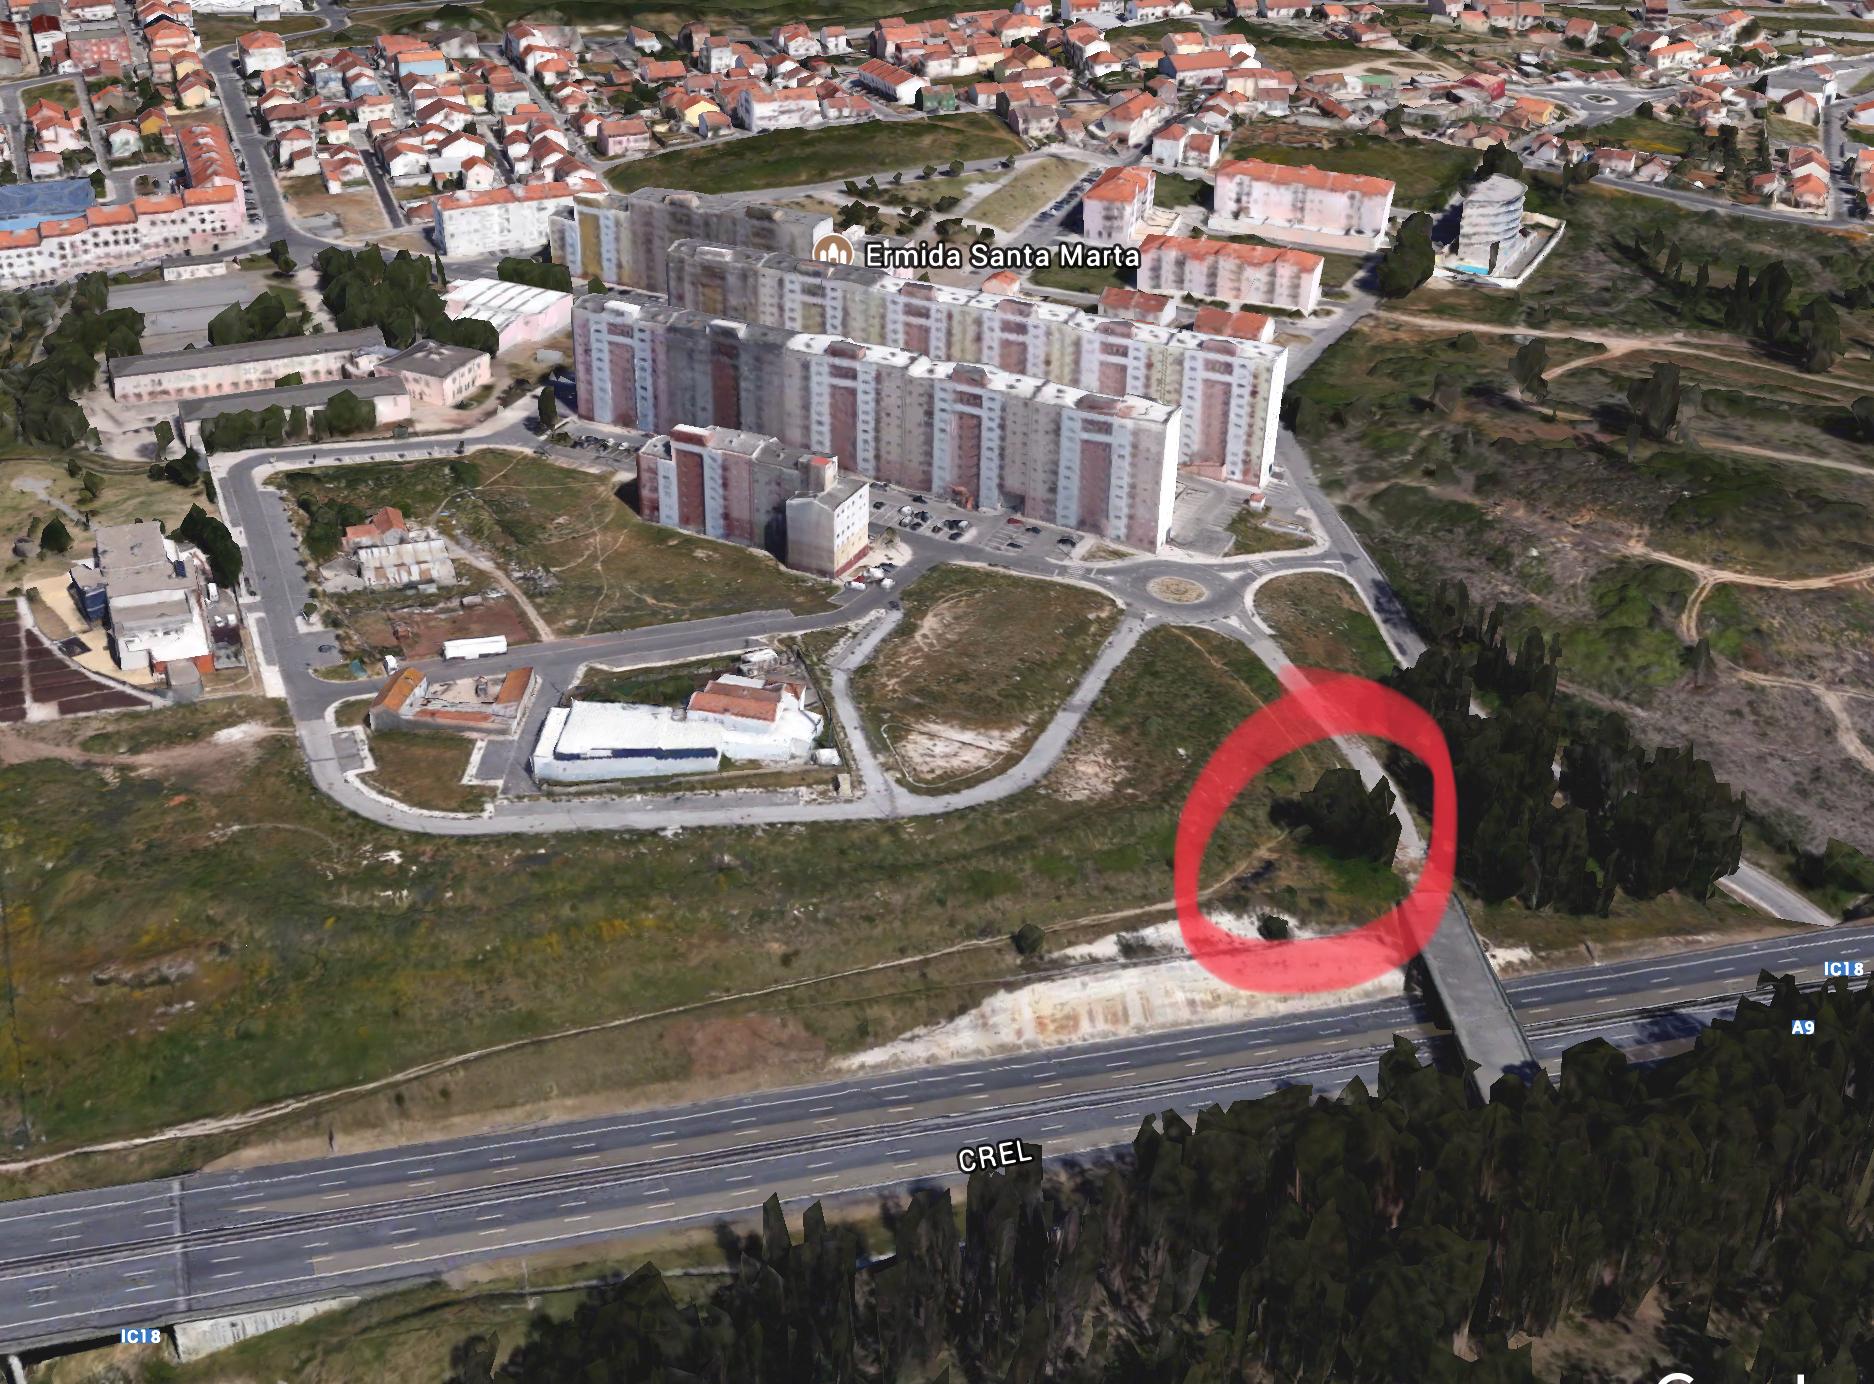 Autoridades fazem buscas em Sintra devido a alerta de criança desaparecida